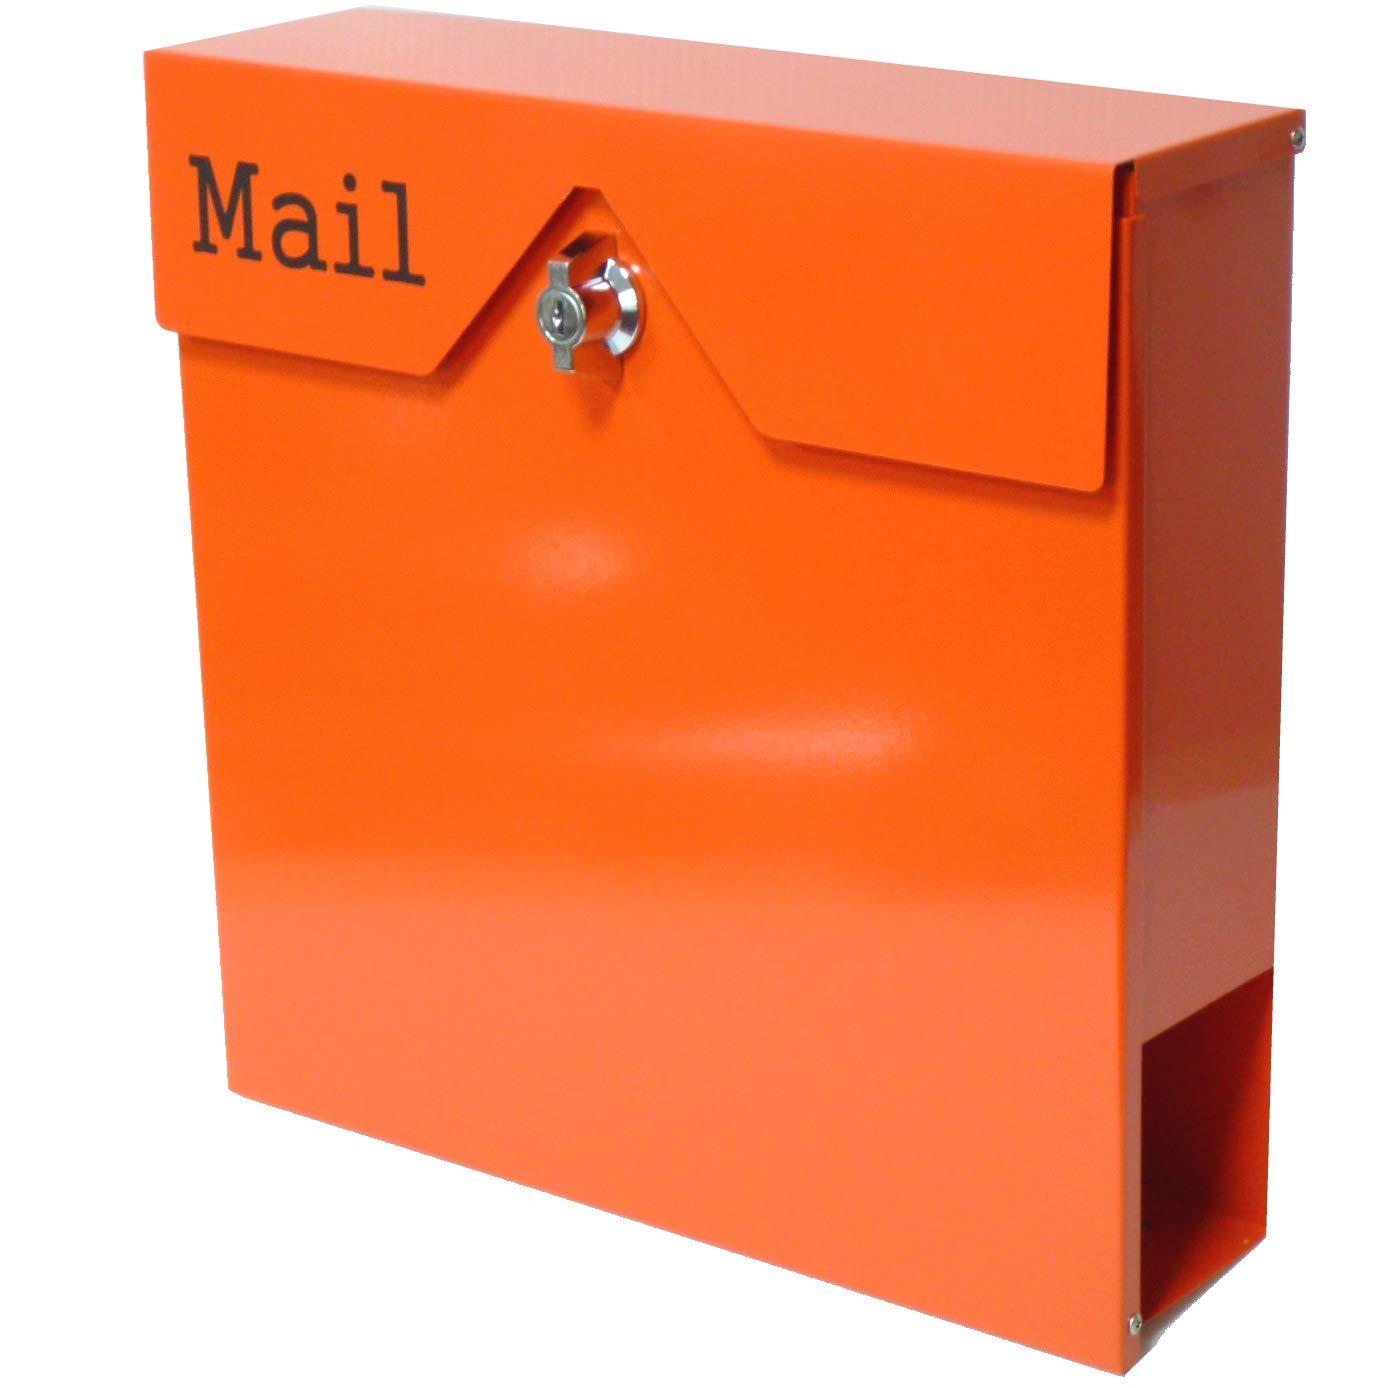 アイホーム(Ihome) 郵便ポスト pm15 pm152 大容量 オレンジ 奥行12×高さ37×幅37.5cm   B072BYR3LC